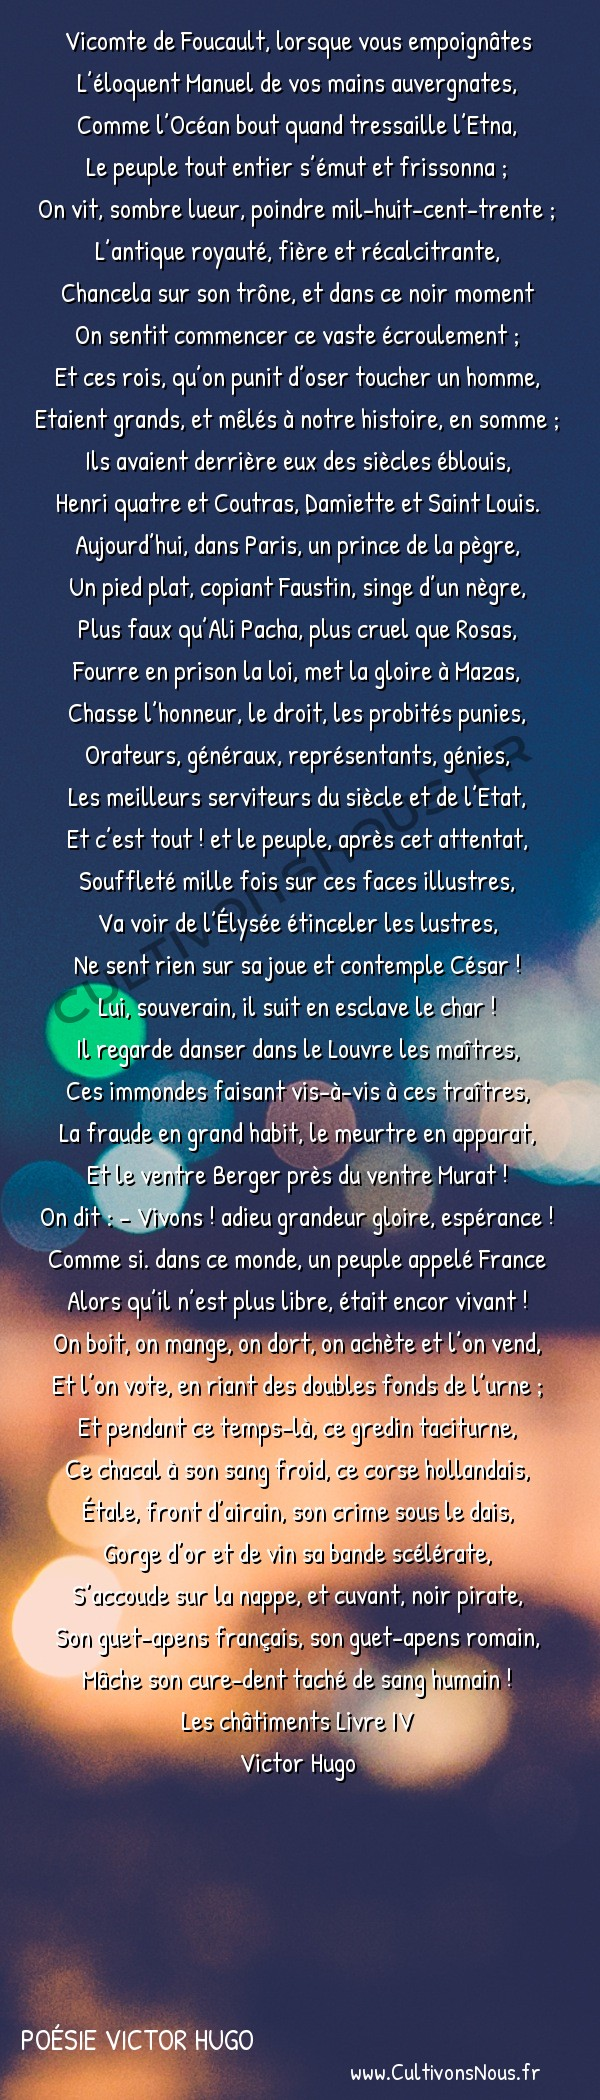 Poésie Victor Hugo - Les châtiments Livre IV - Vicomte de Foucault… -  Vicomte de Foucault, lorsque vous empoignâtes L'éloquent Manuel de vos mains auvergnates,